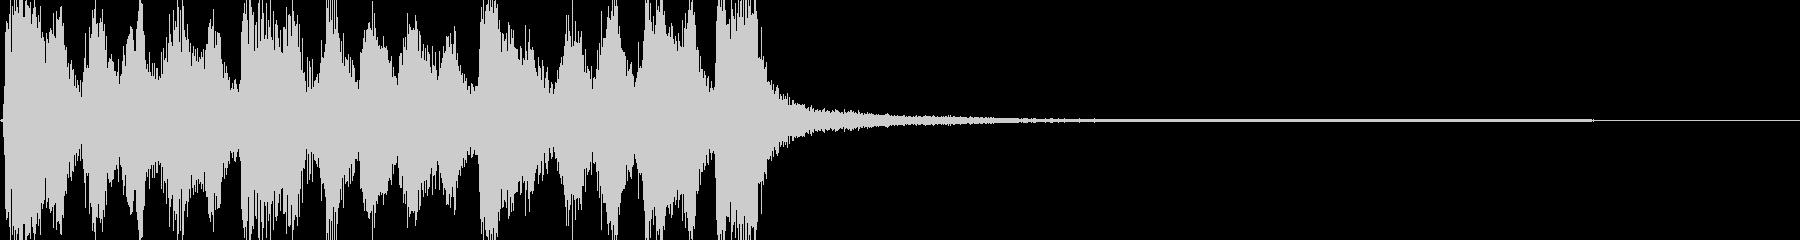 メルヘン、童話イメージのジングルの未再生の波形